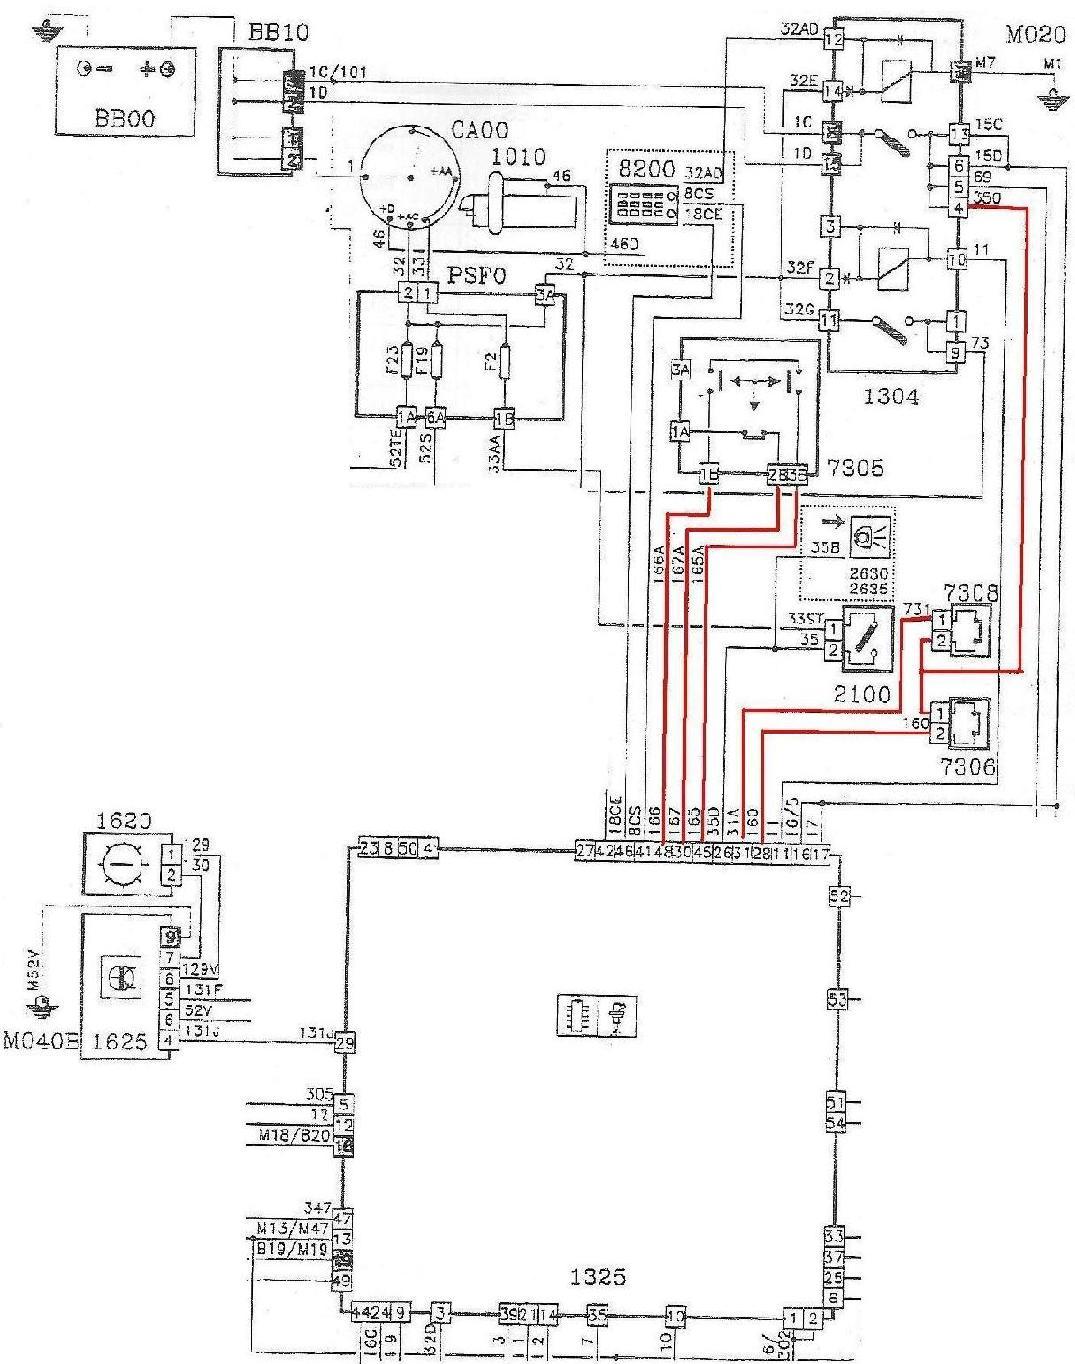 peugeot605 forumeurs fr  u2022 pre cablage regulateur de vitesse    electricit u00e9     u00e9lectronique autres